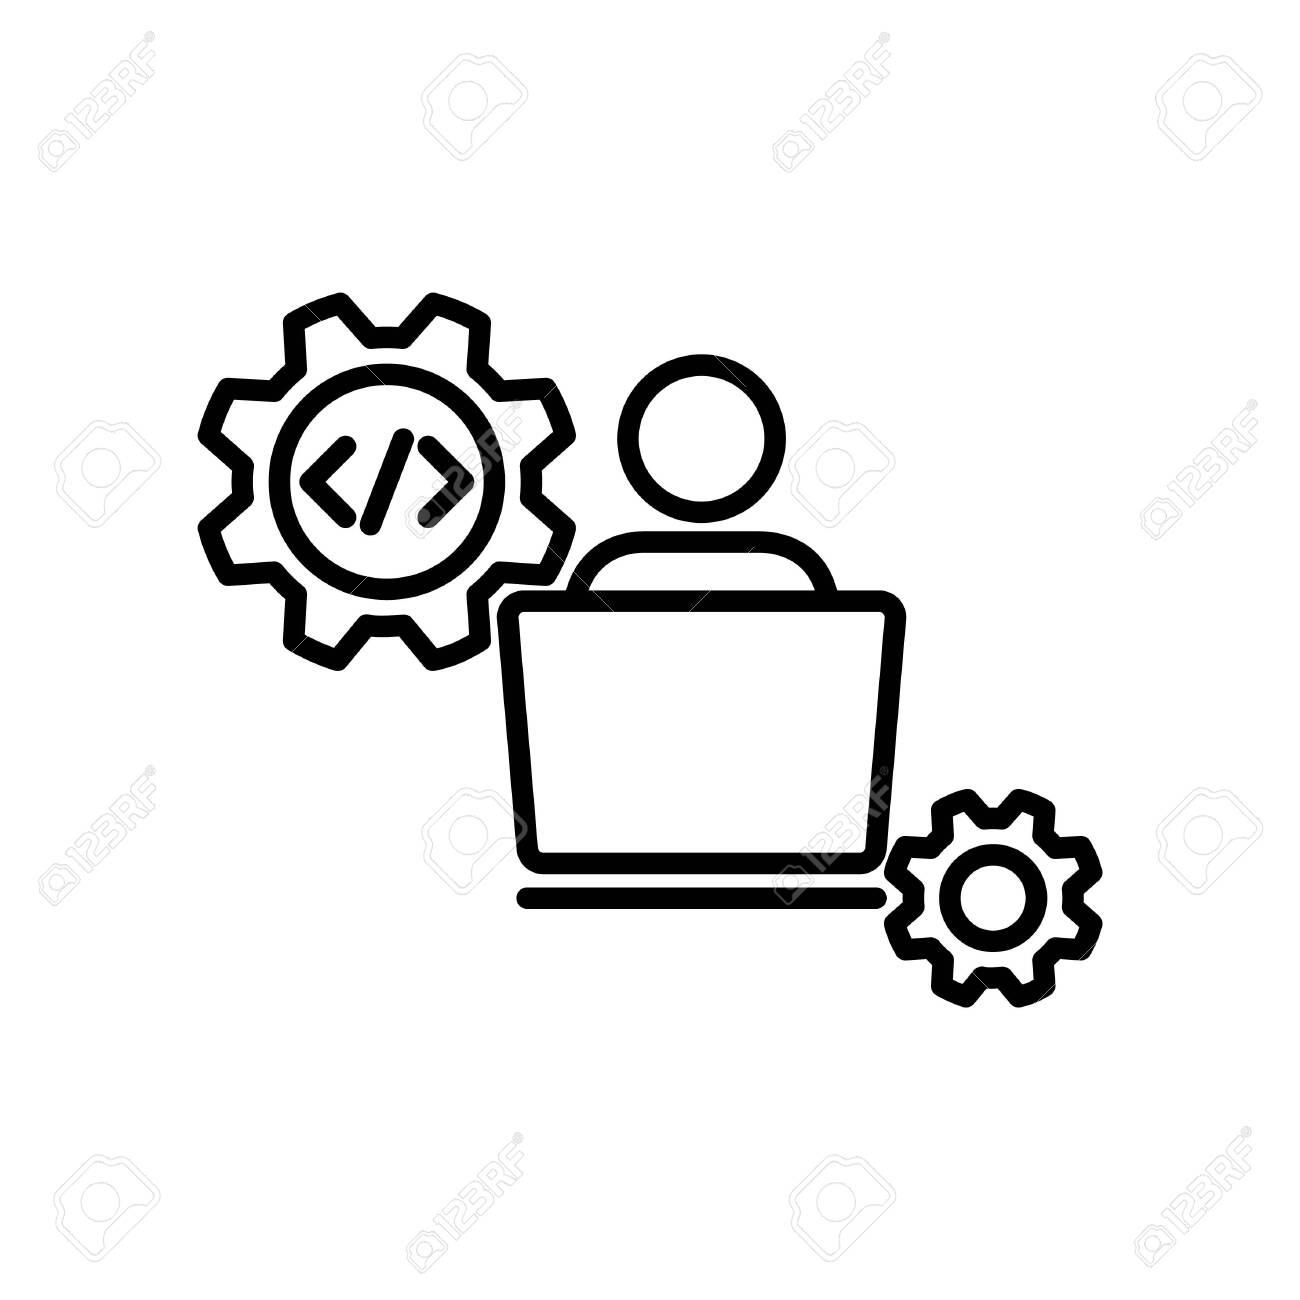 doveloper icon, vector line illustration - 127672101